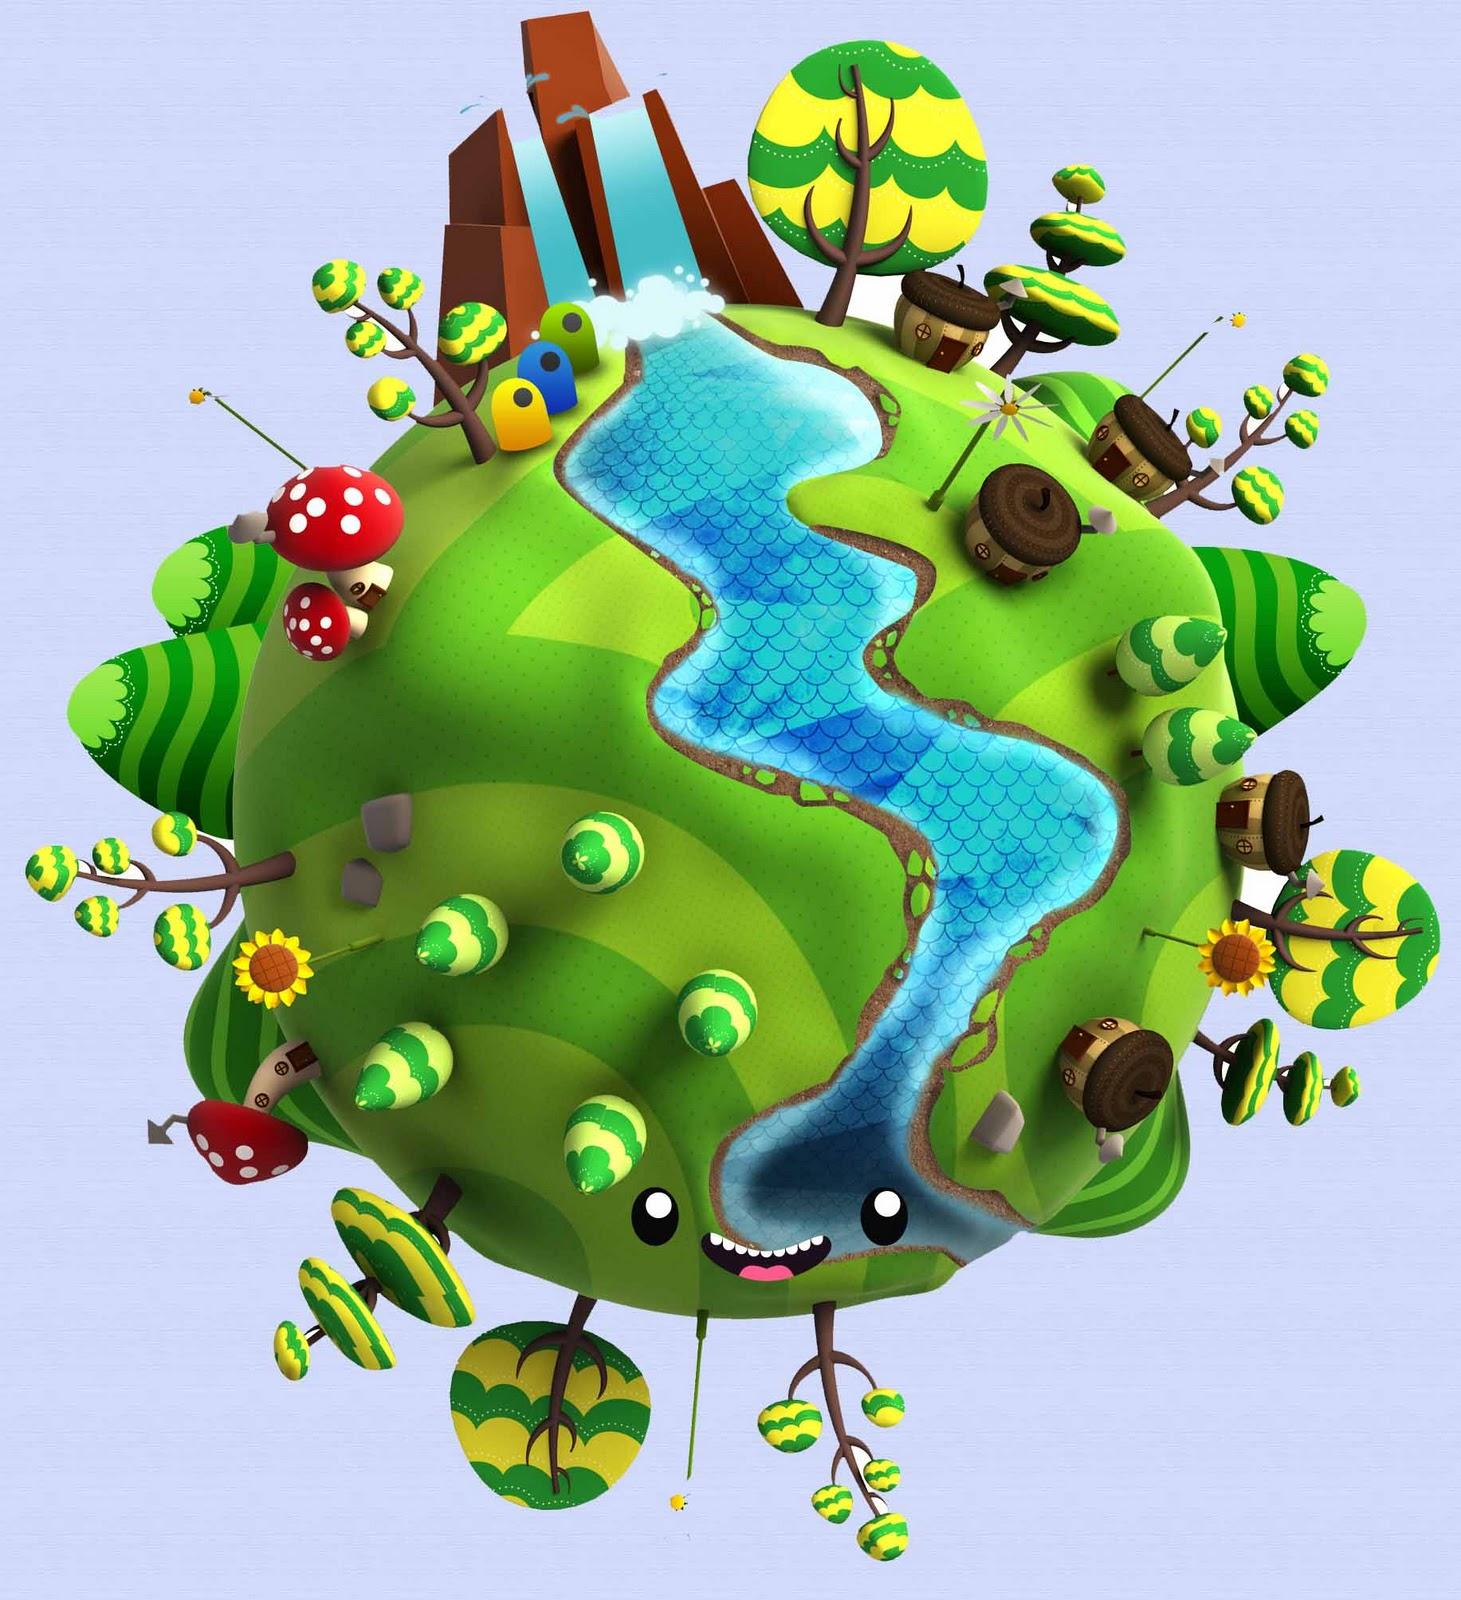 Recursos para el Día Mundial del Medio Ambiente (5 de junio)